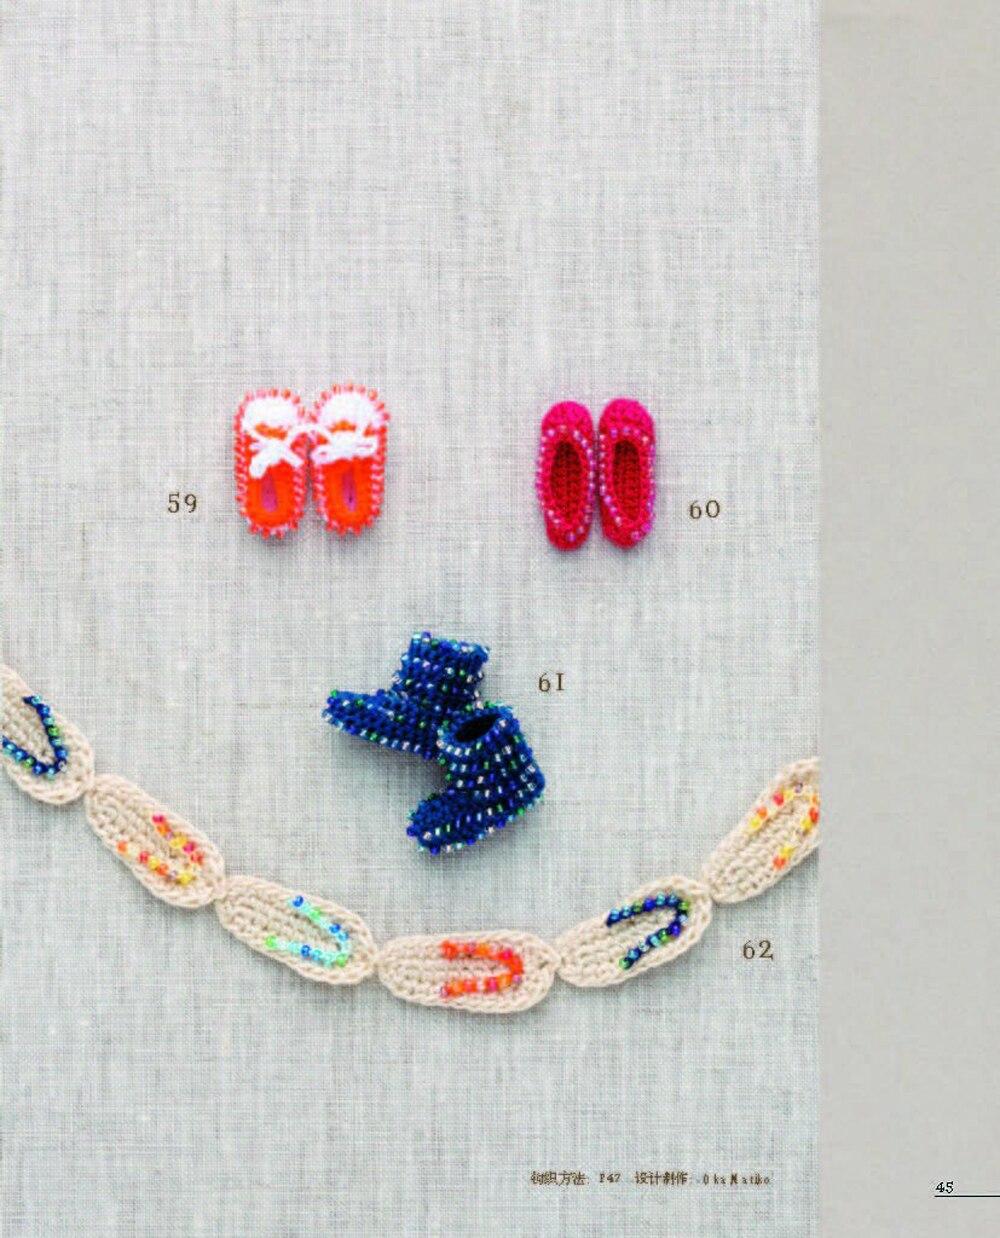 perlen arbeit mini motiv musterweben super nette 3d kleine objekte 100 modelle chinesischen stricken buch3d handmade carft buch in perlen arbeit mini - Perlen Weben Muster